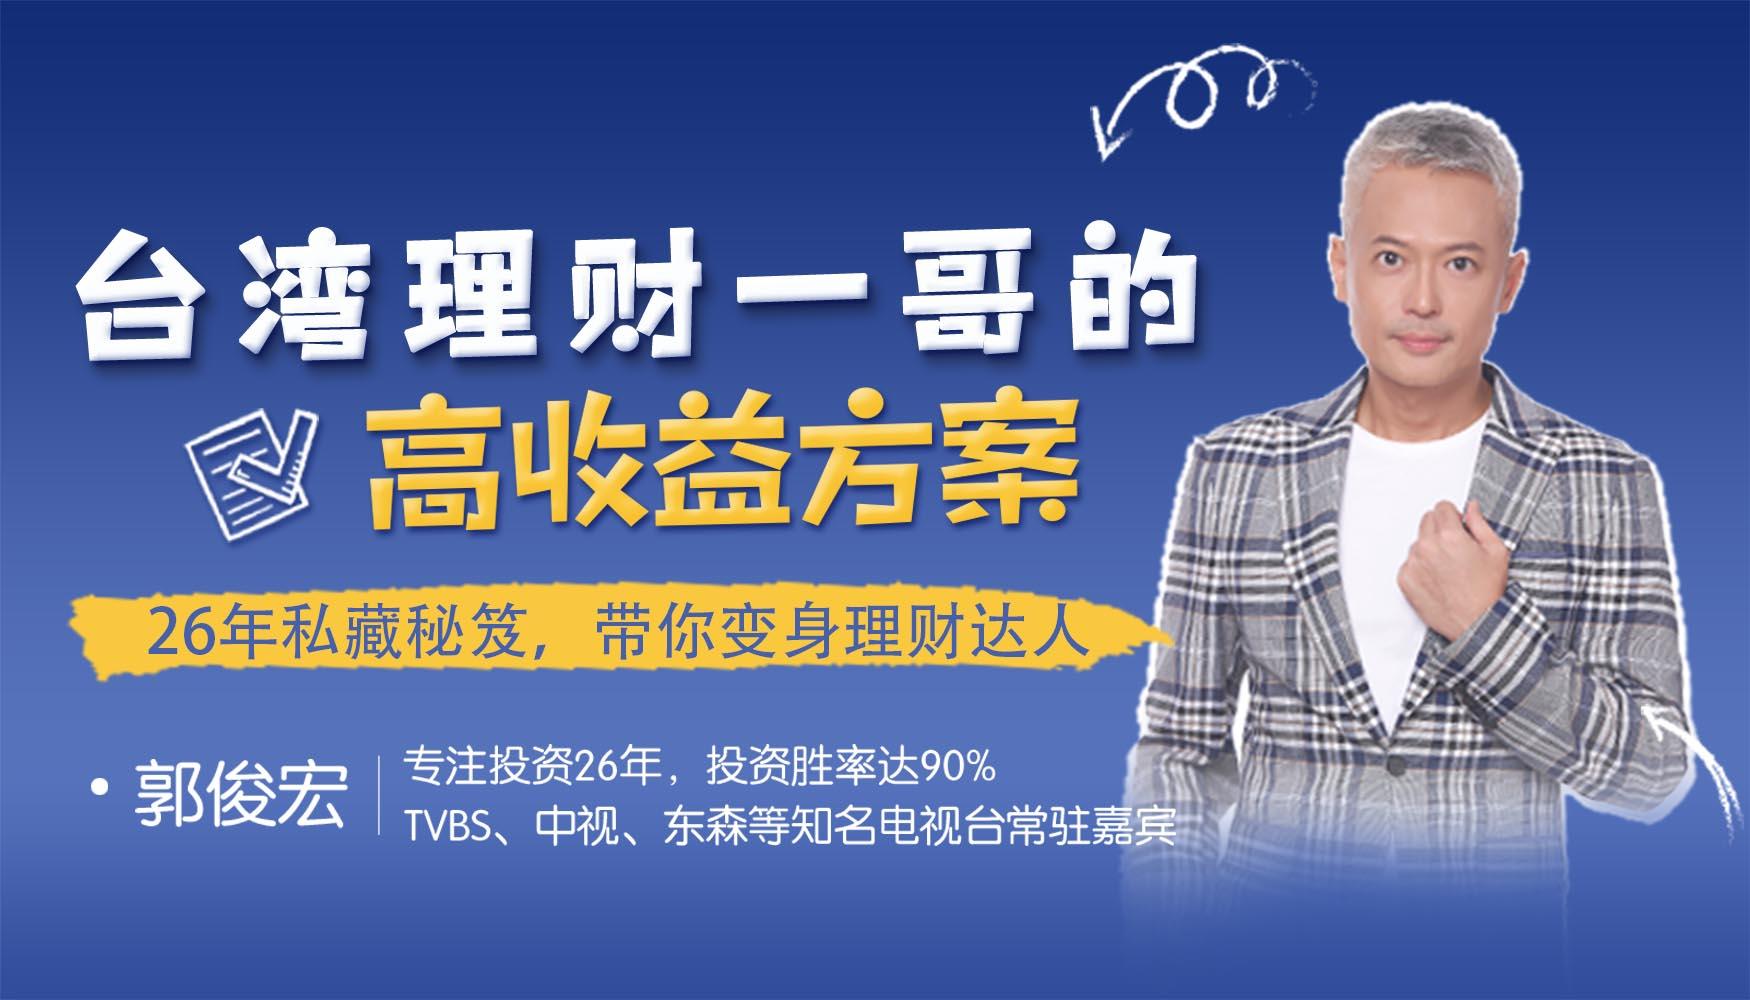 台湾理财一哥:私藏26年的高收益投资方案,0门槛照做即可,教你变身理财达人!